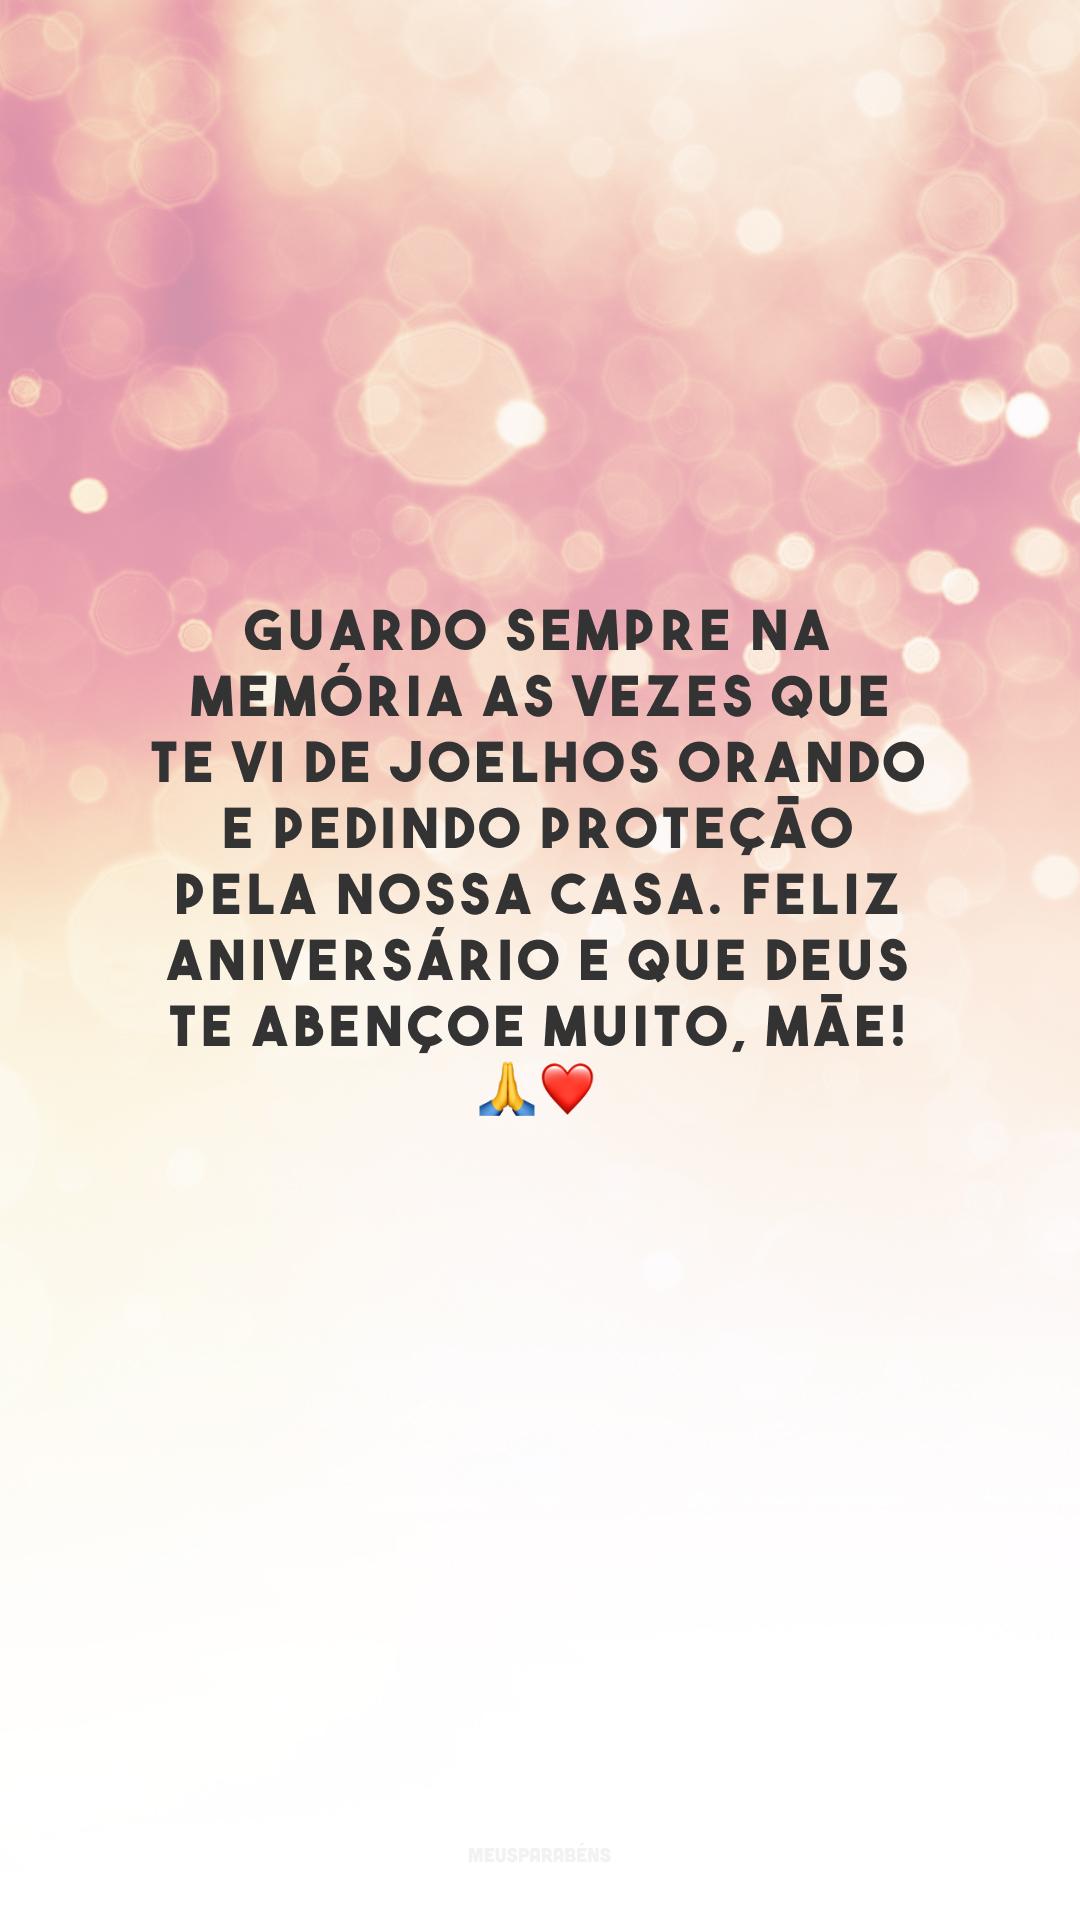 Guardo sempre na memória as vezes que te vi de joelhos orando e pedindo proteção pela nossa casa. Feliz aniversário e que Deus te abençoe muito, mãe! 🙏❤️